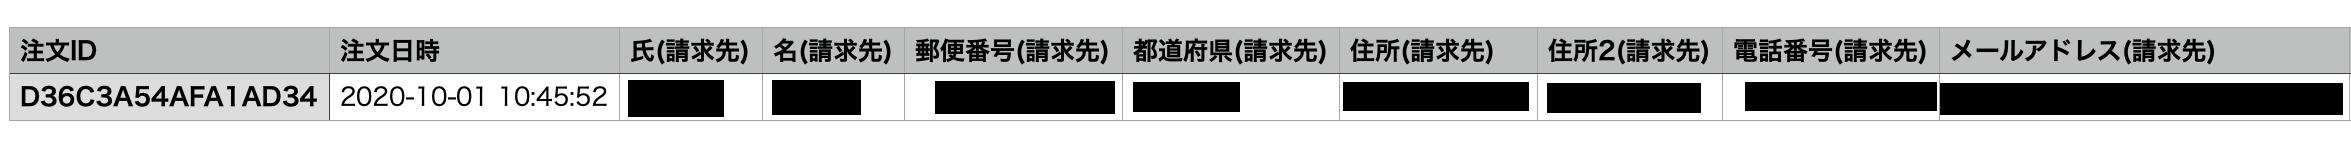 BASE注文データCSVファイル見本